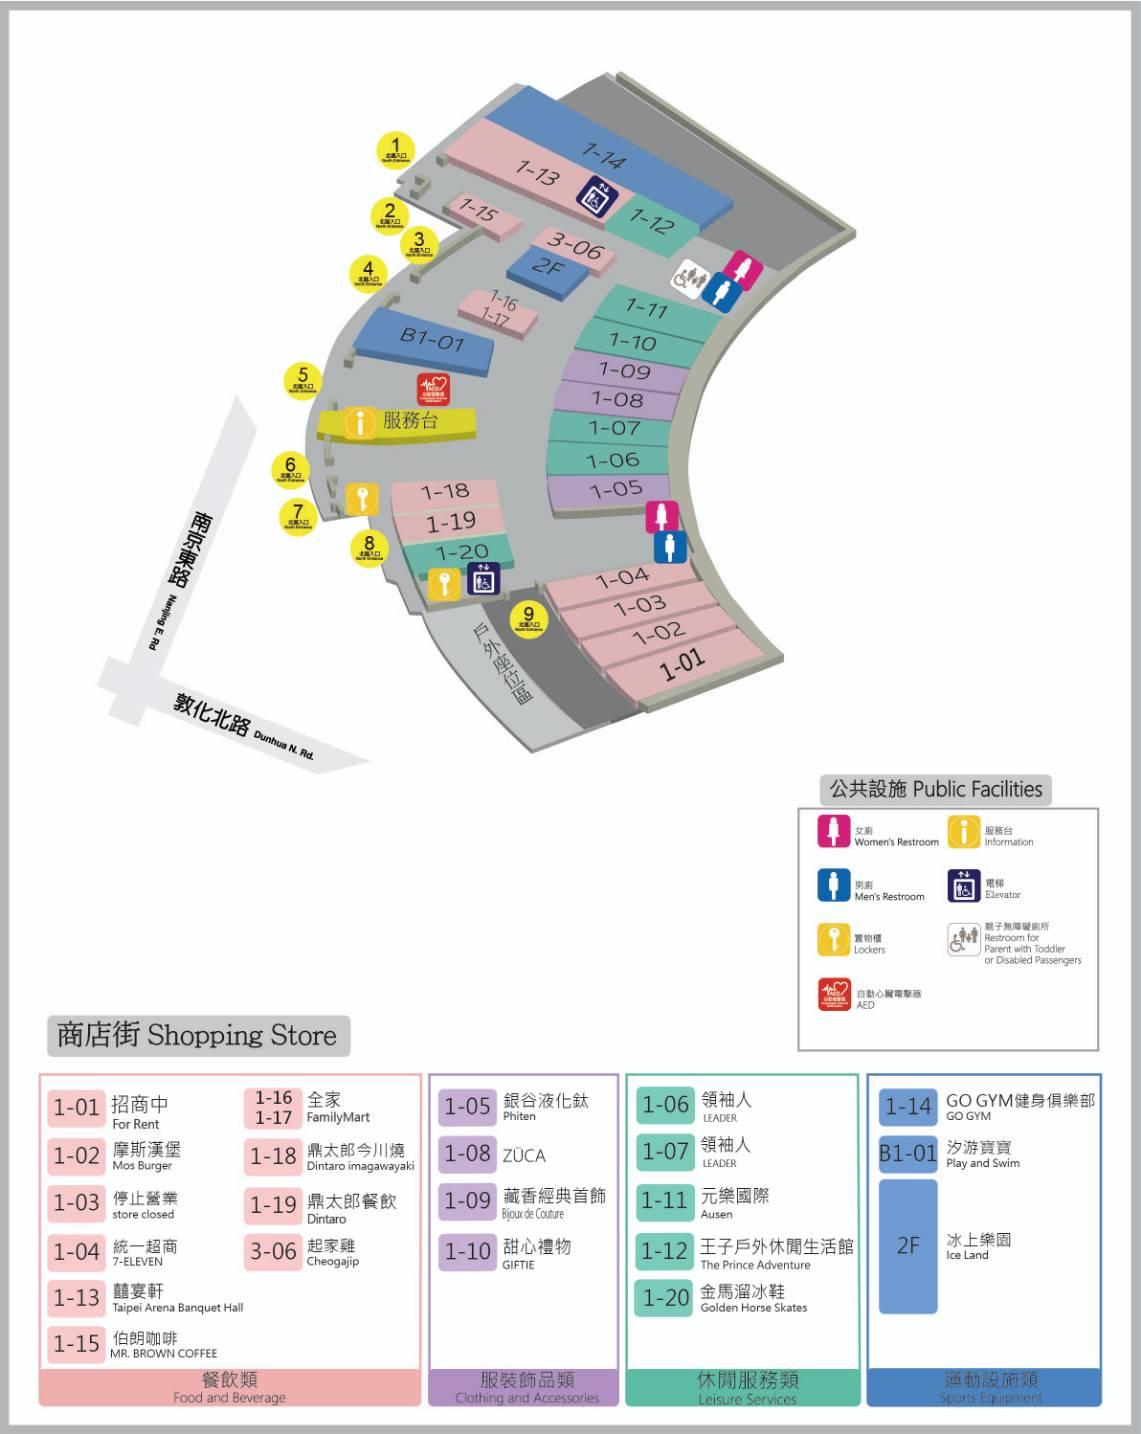 商店街中文地圖